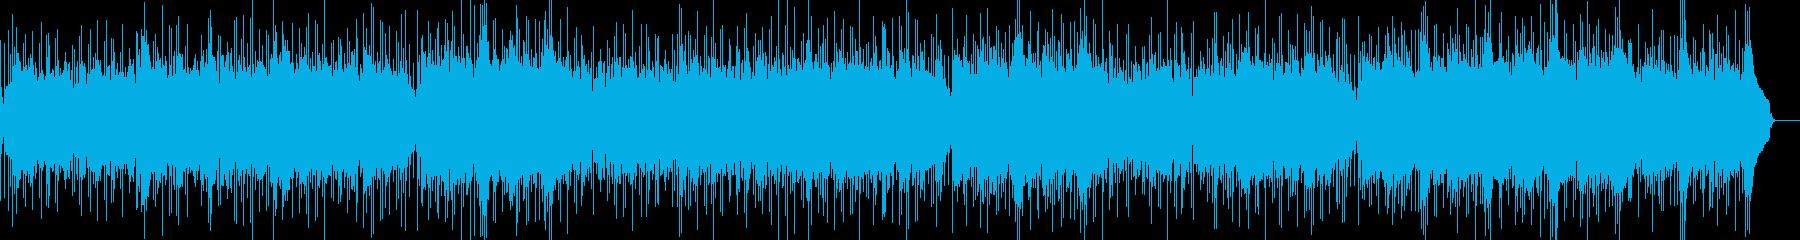 爽やか歌物ポップスをインストにした様な曲の再生済みの波形